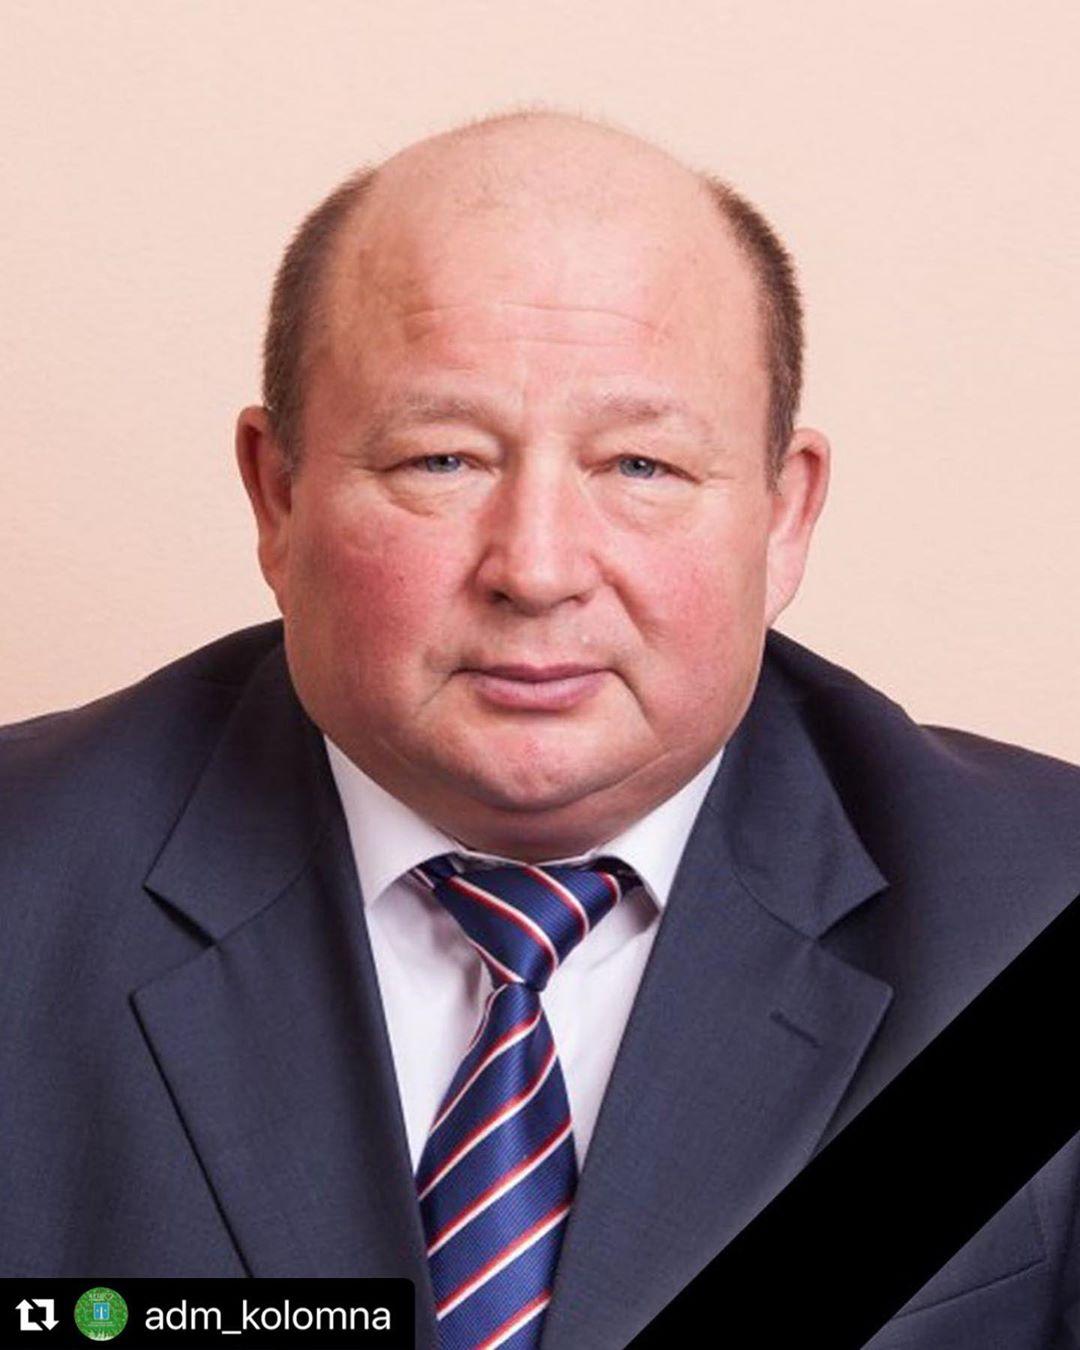 Мэр Коломны: Приношу глубокие соболезнования родным и близким Евгения Петровича. Светлая памя… #Коломна